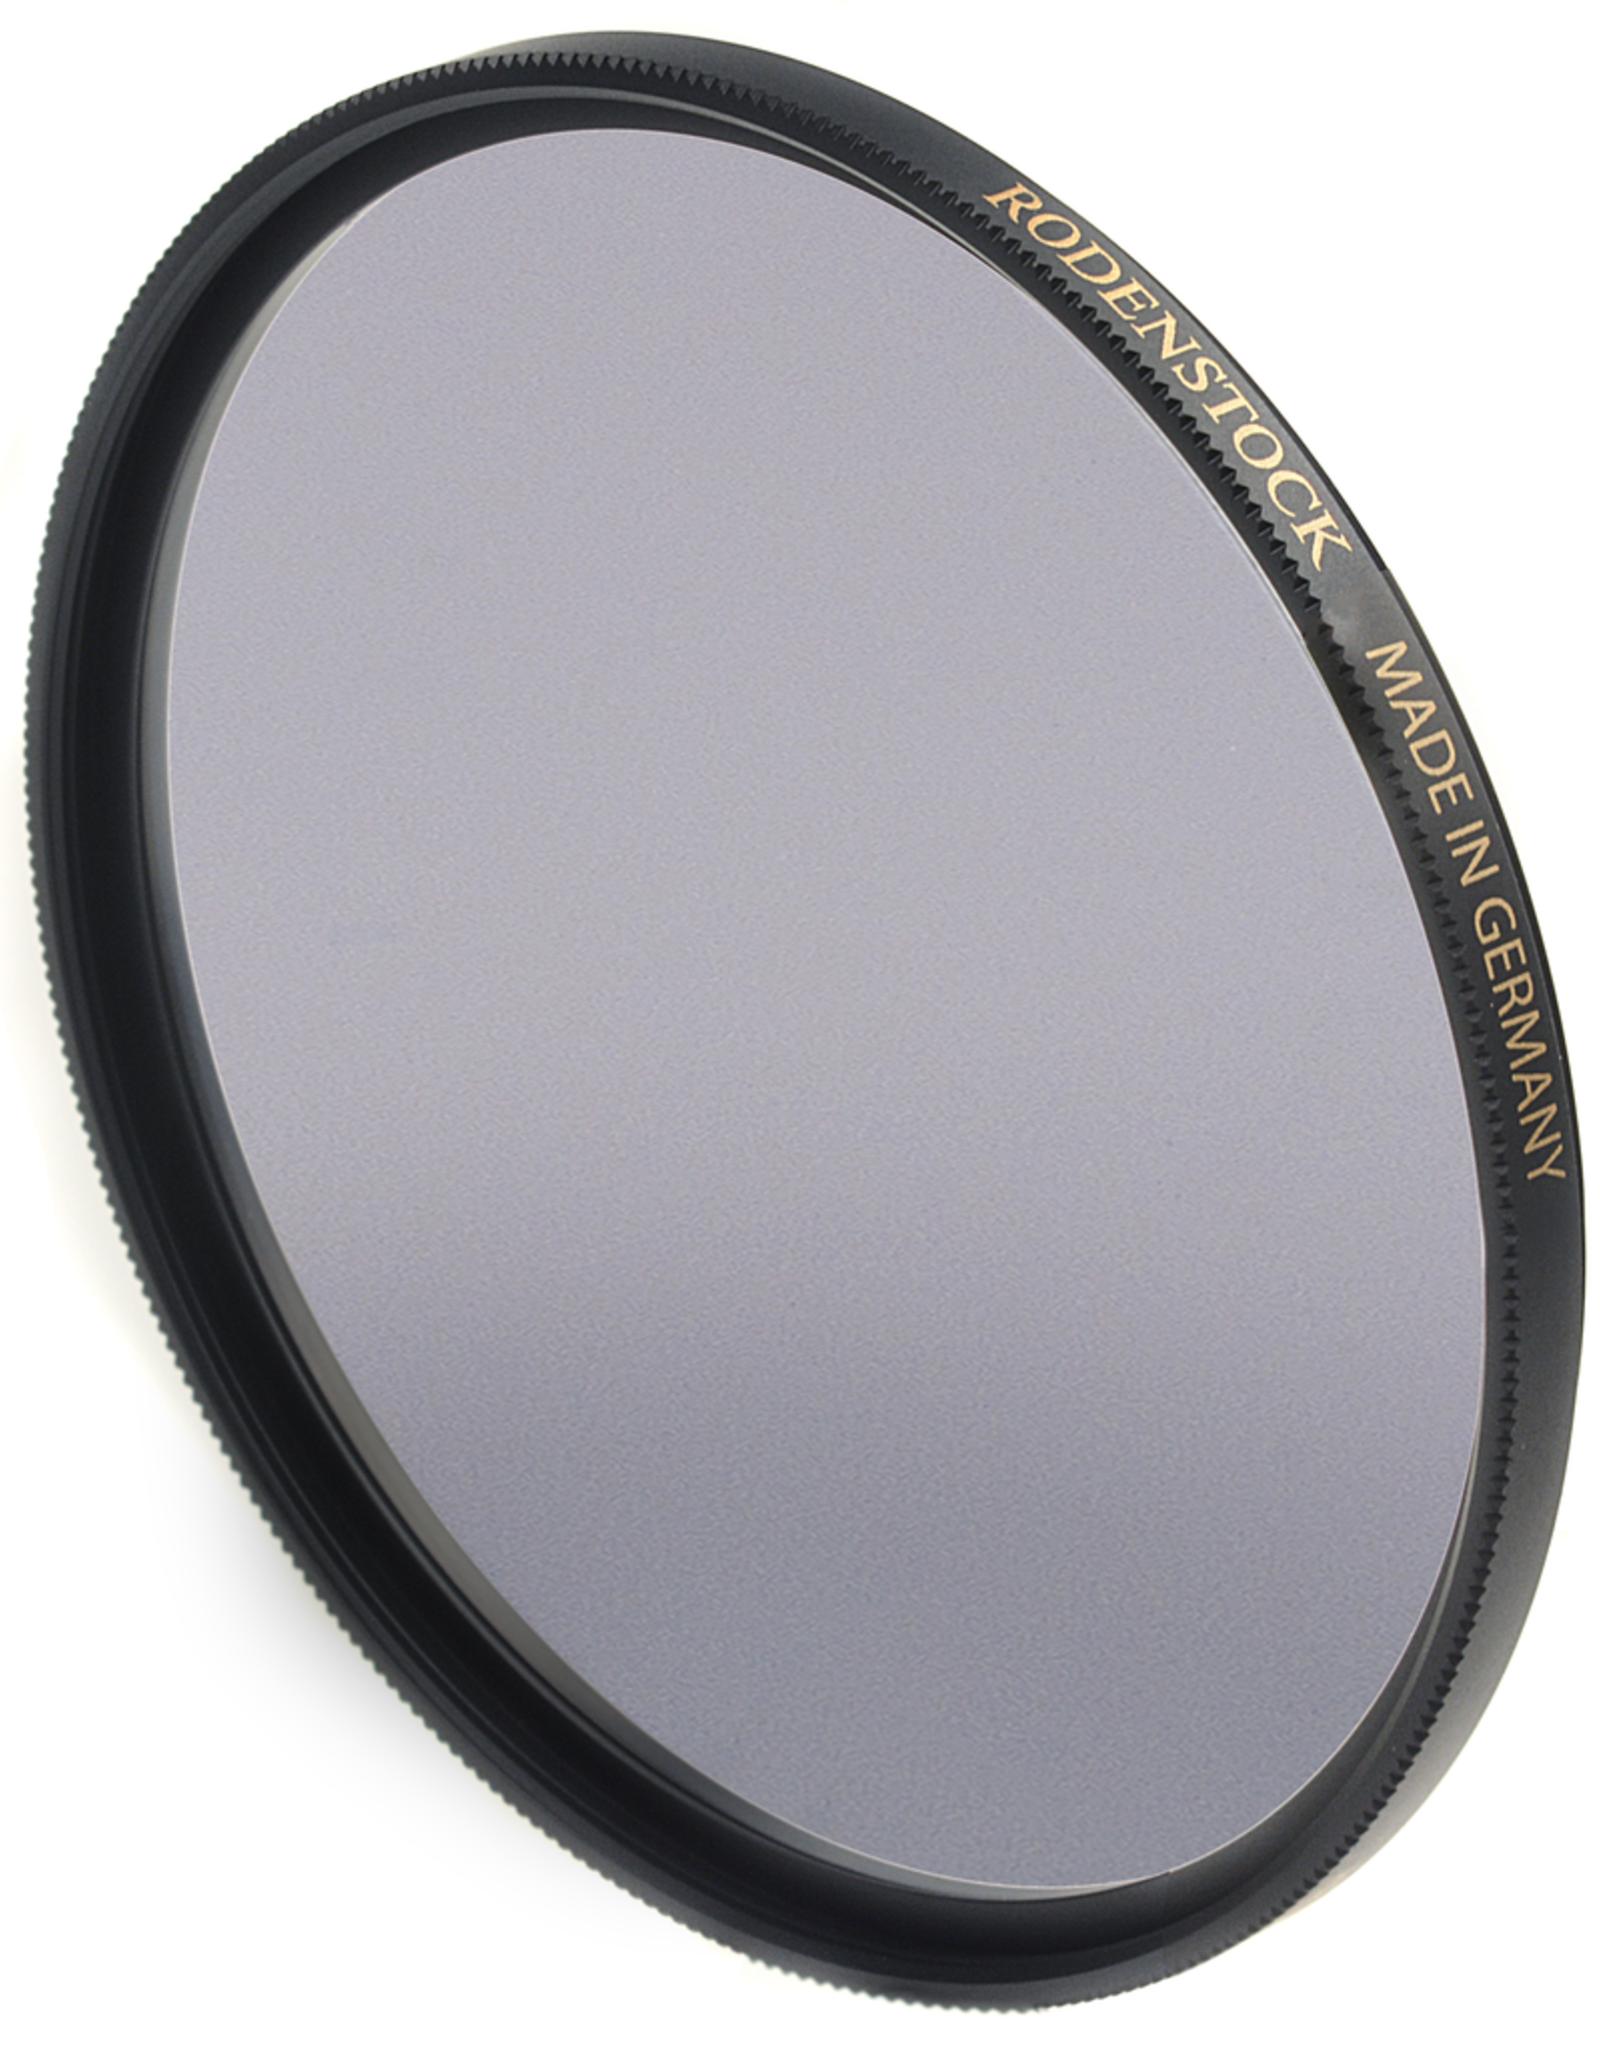 Rodenstock Rodenstock Circular Polarizer HR Digital super MC ø 95 mm